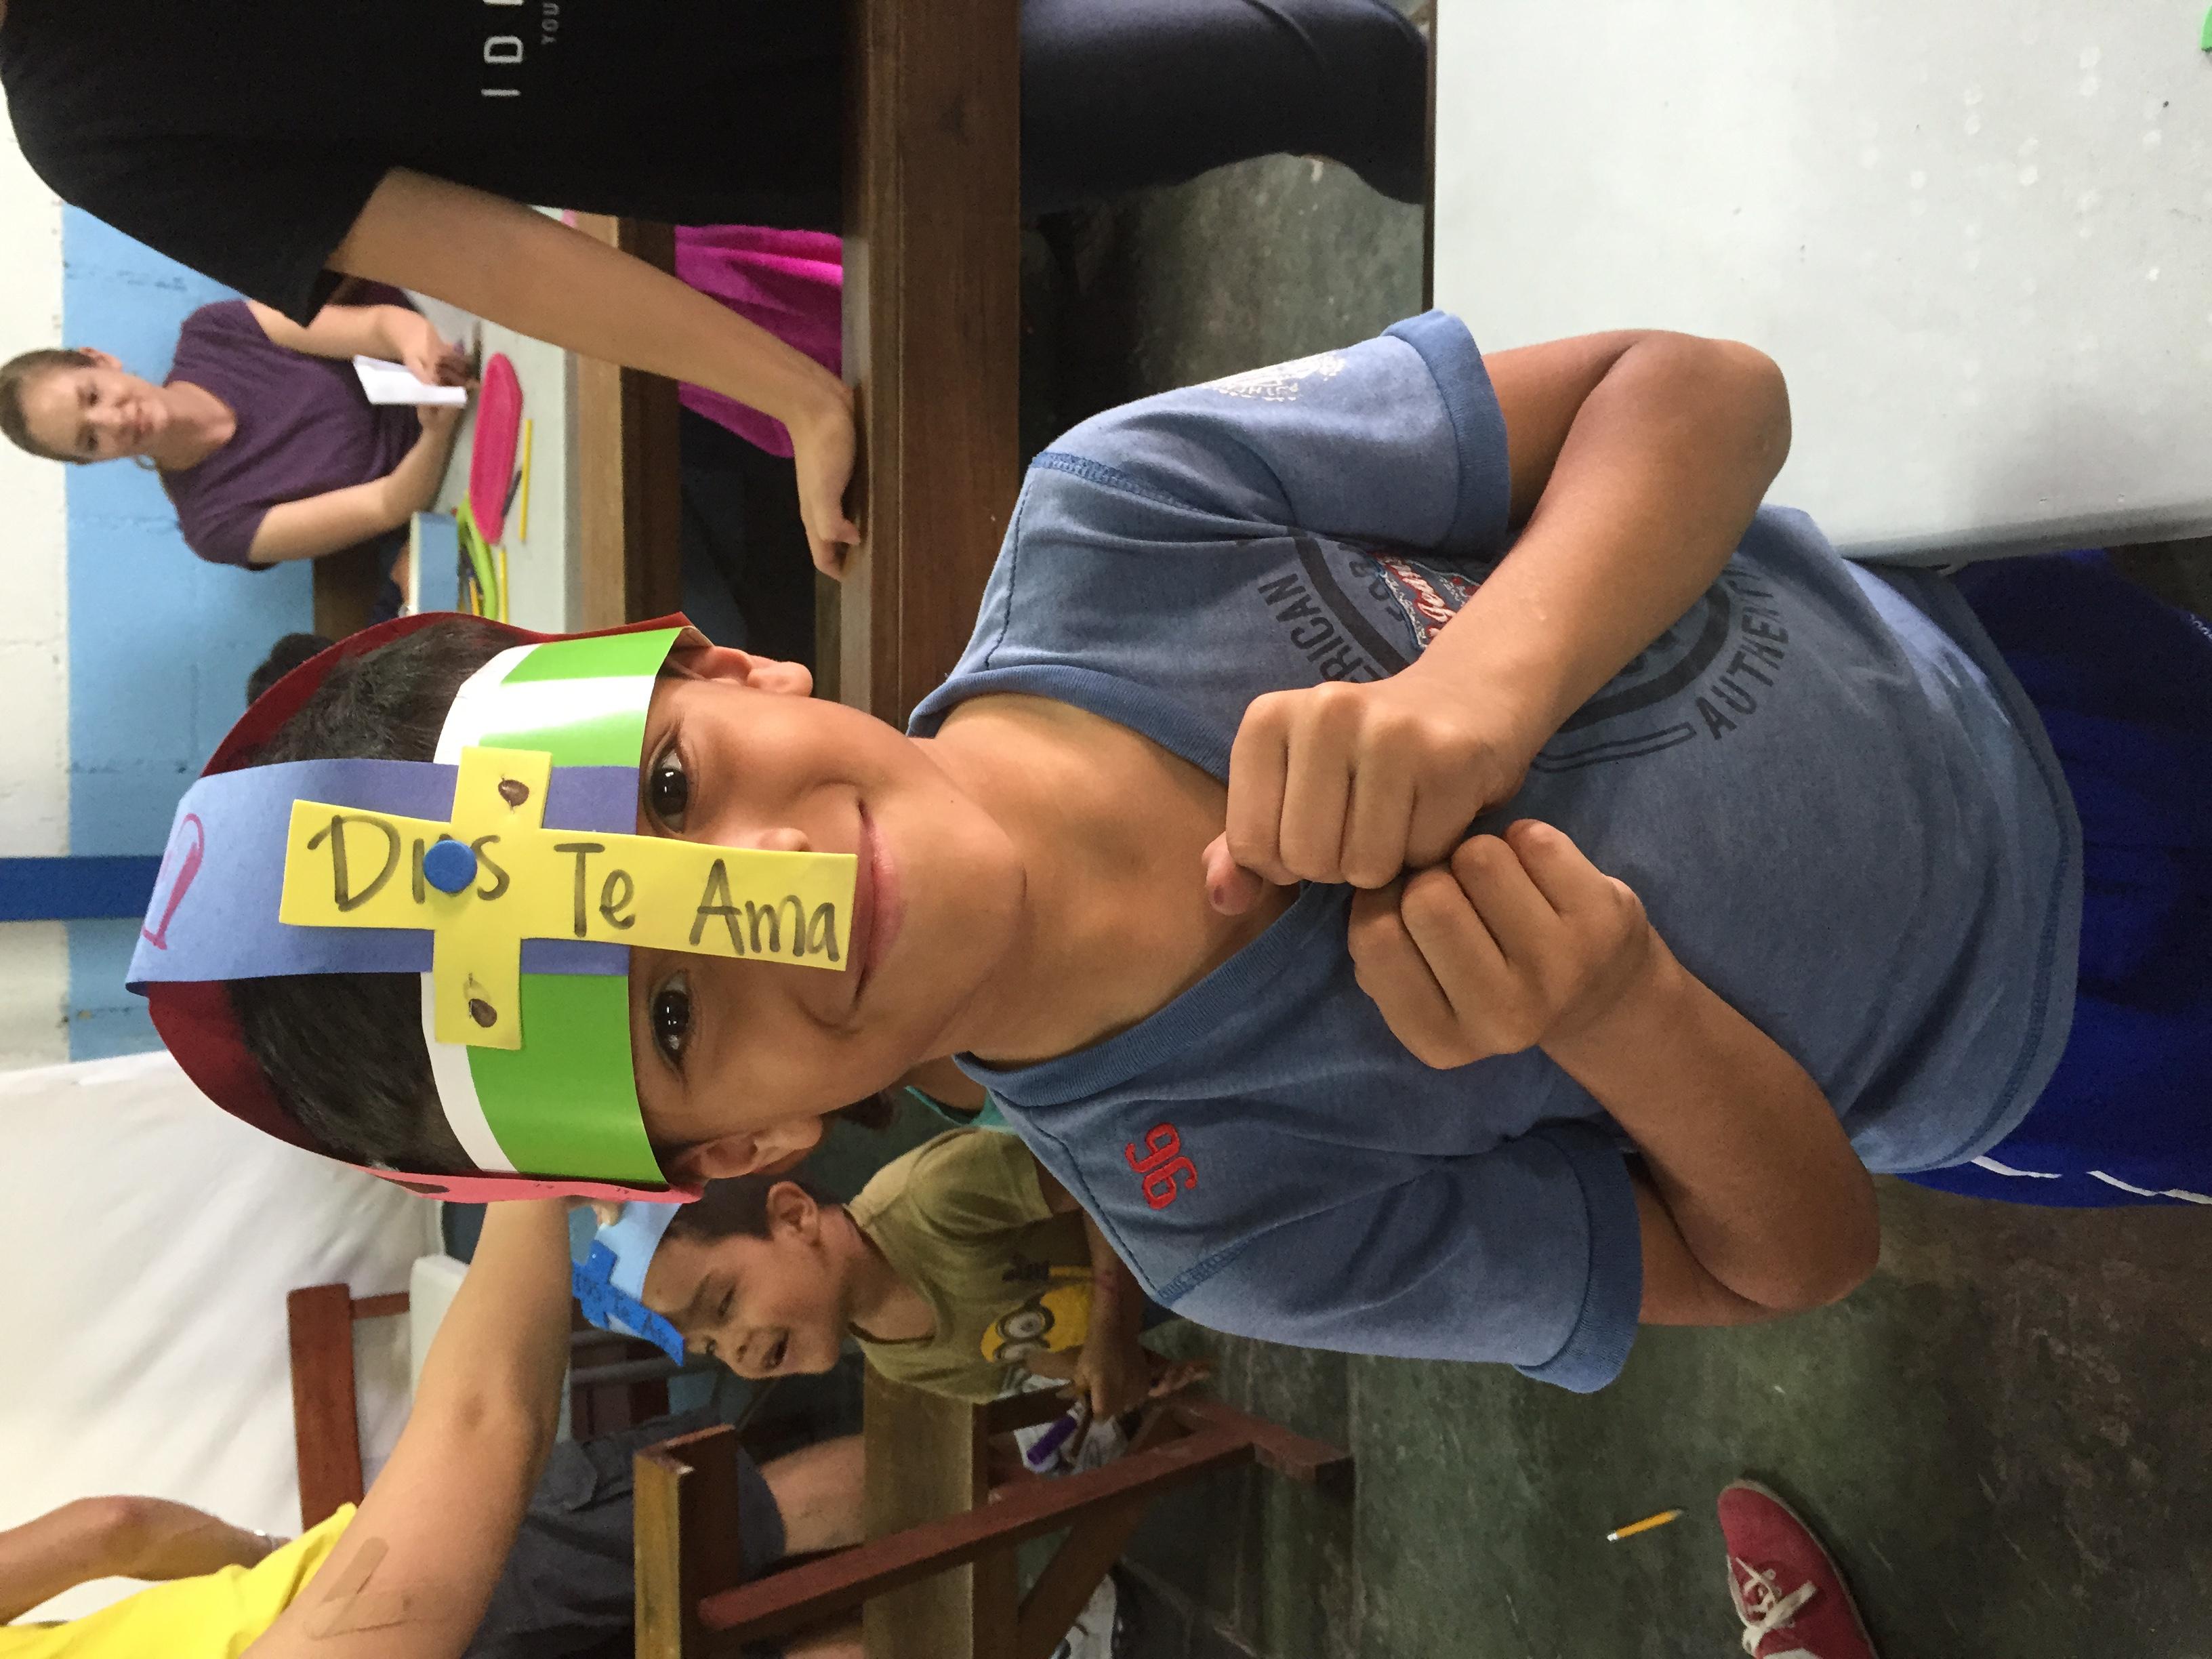 Julio with his Helmet of Salvation